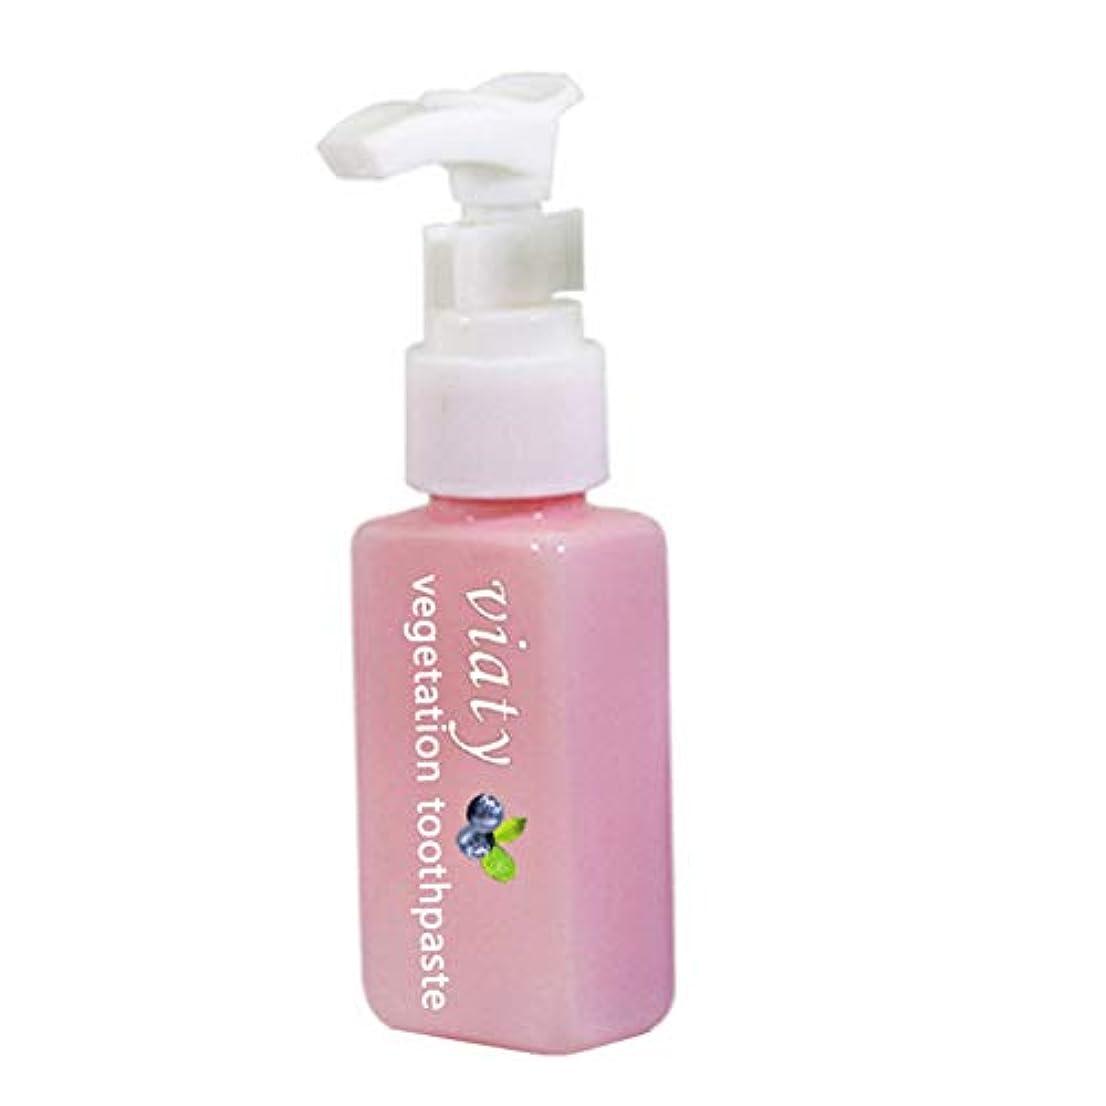 やけど充実同等のAylincool歯磨き粉アンチブリードガムプレスタイプ新鮮な歯磨き粉を白くする汚れ除去剤